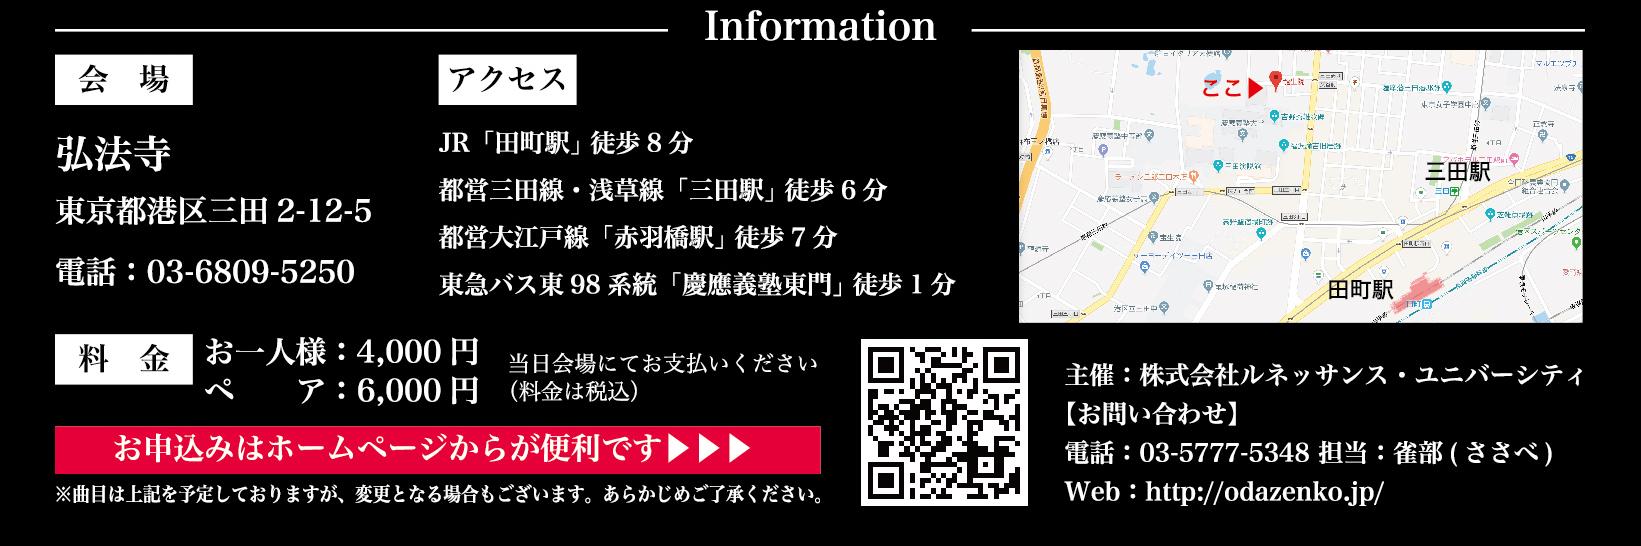 【中止のお知らせ】ジャパン・スピリット・ライブ&トークショー